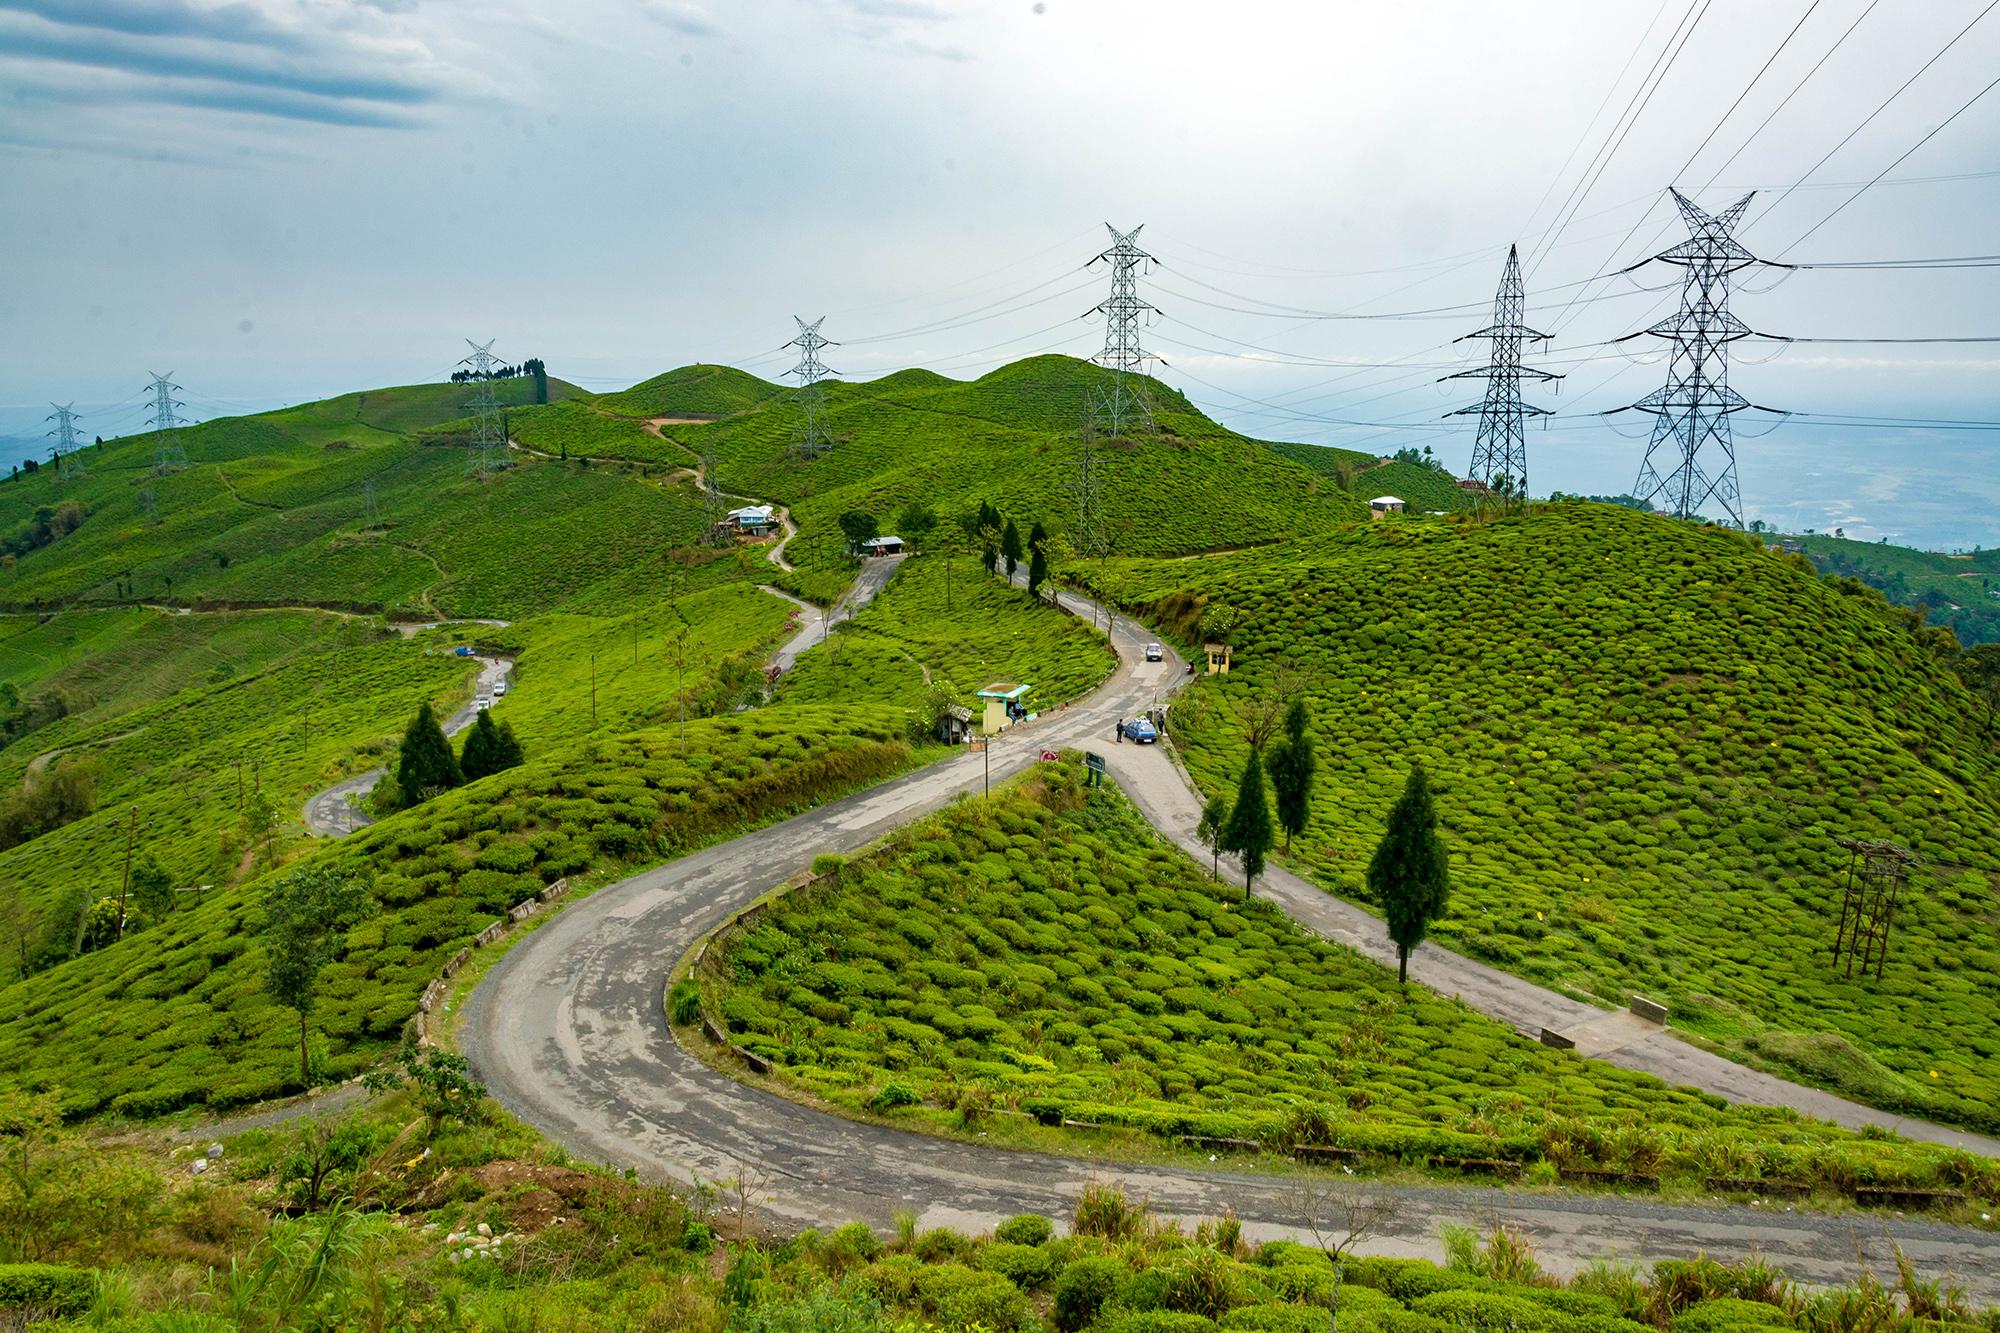 Beautiful tea garden of Darjeeling